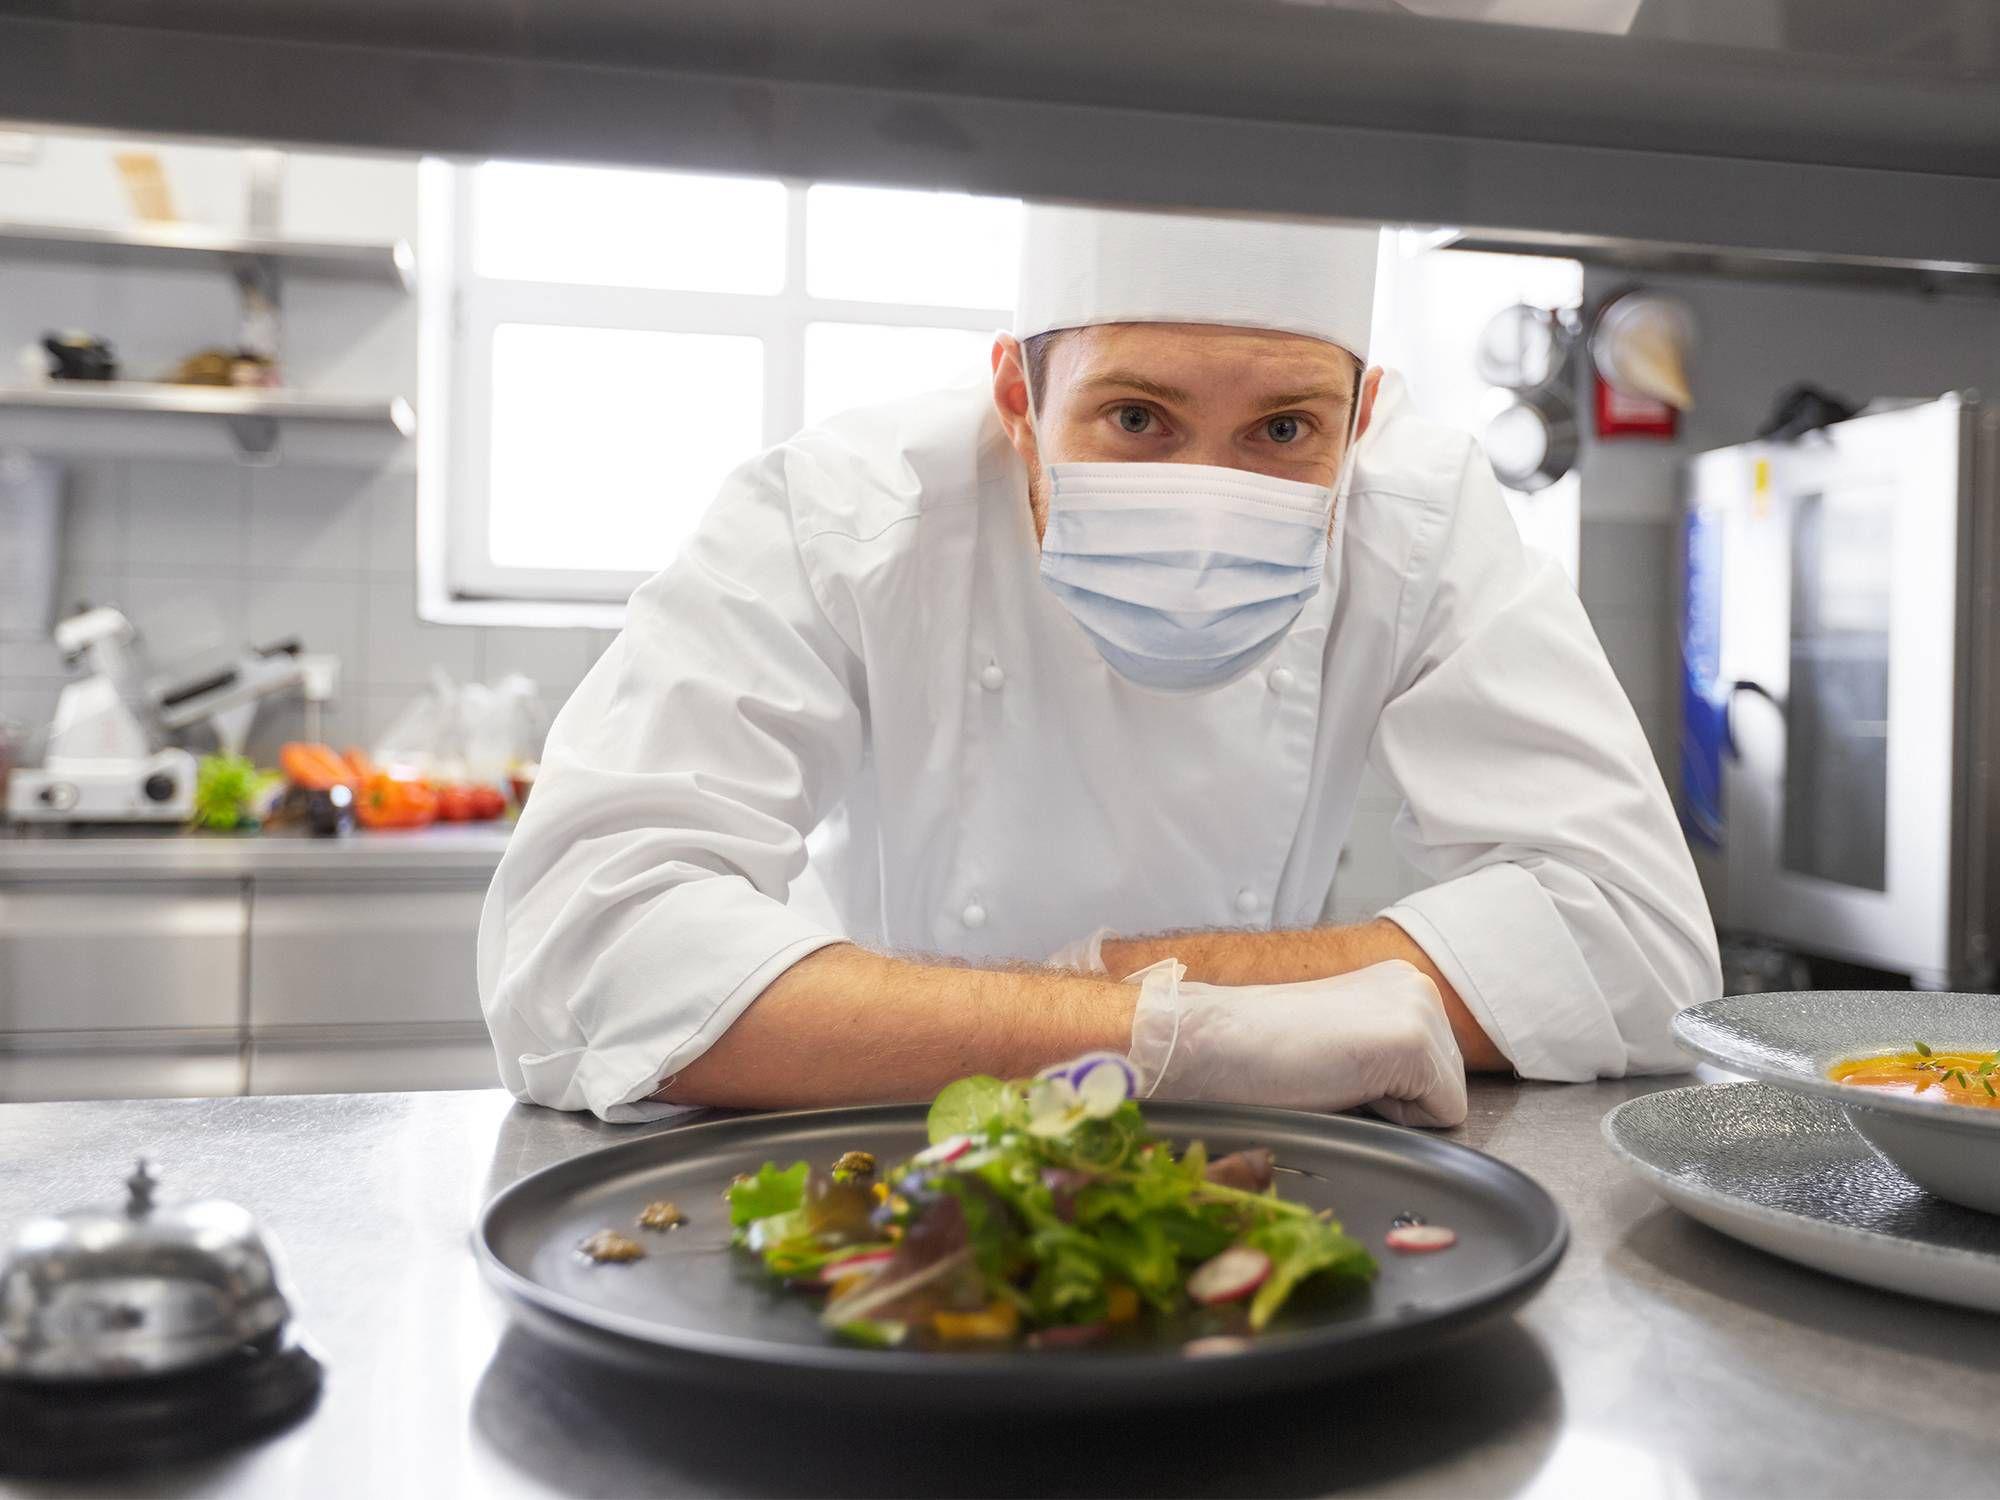 Sécurité au travail avec des aliments